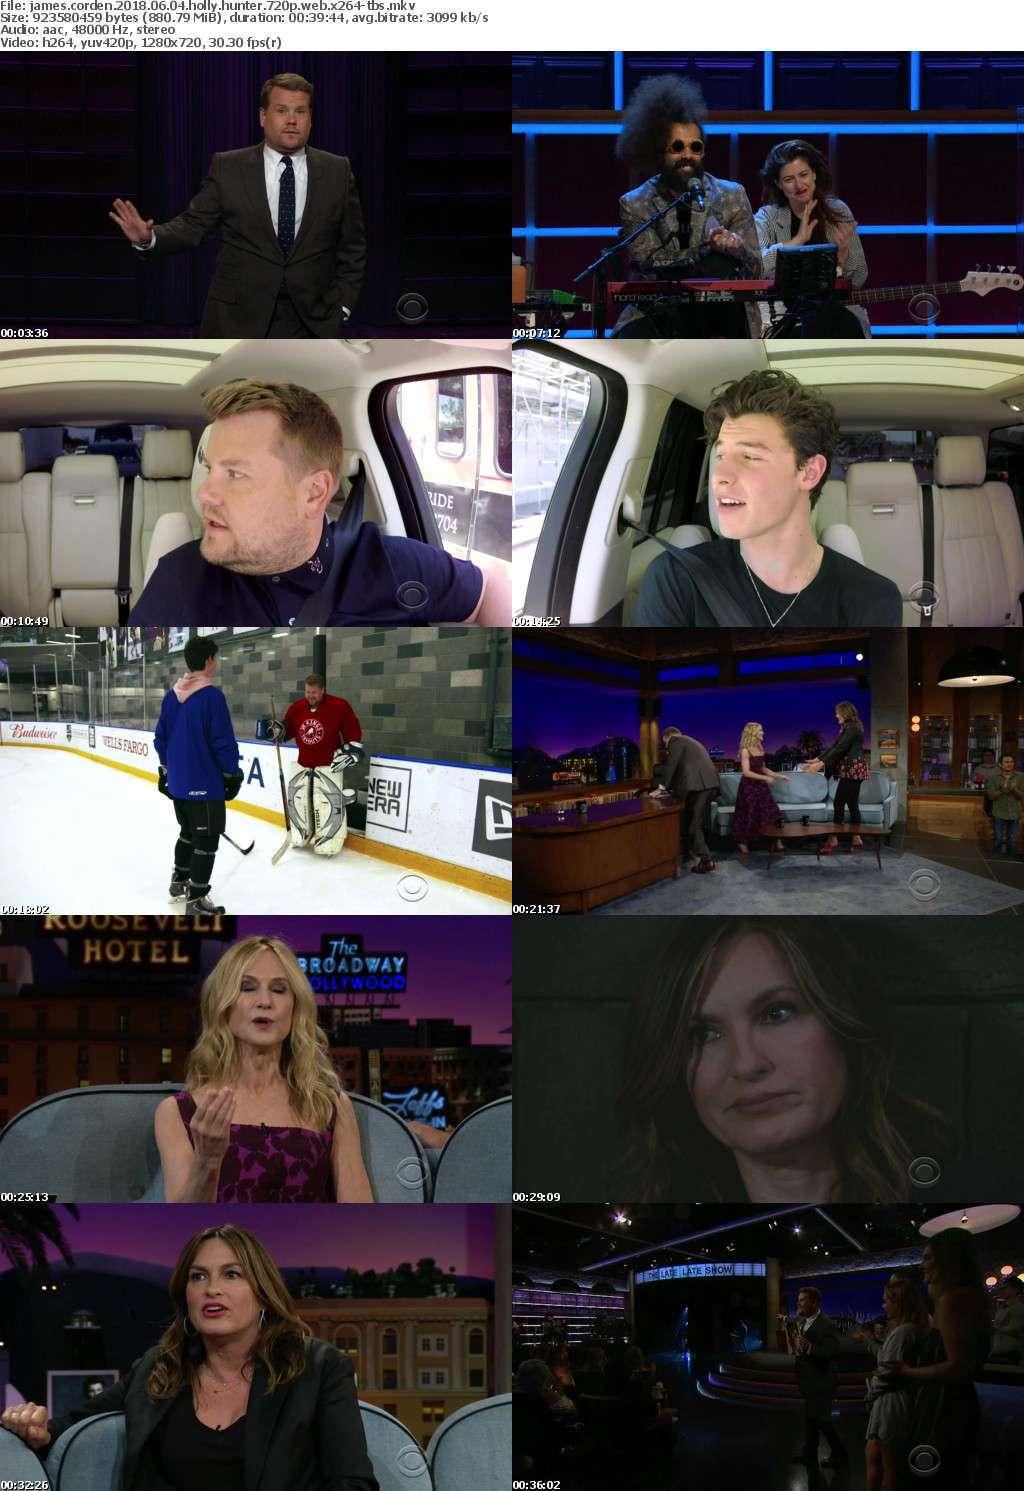 James Corden 2018 06 04 Holly Hunter 720p WEB x264-TBS